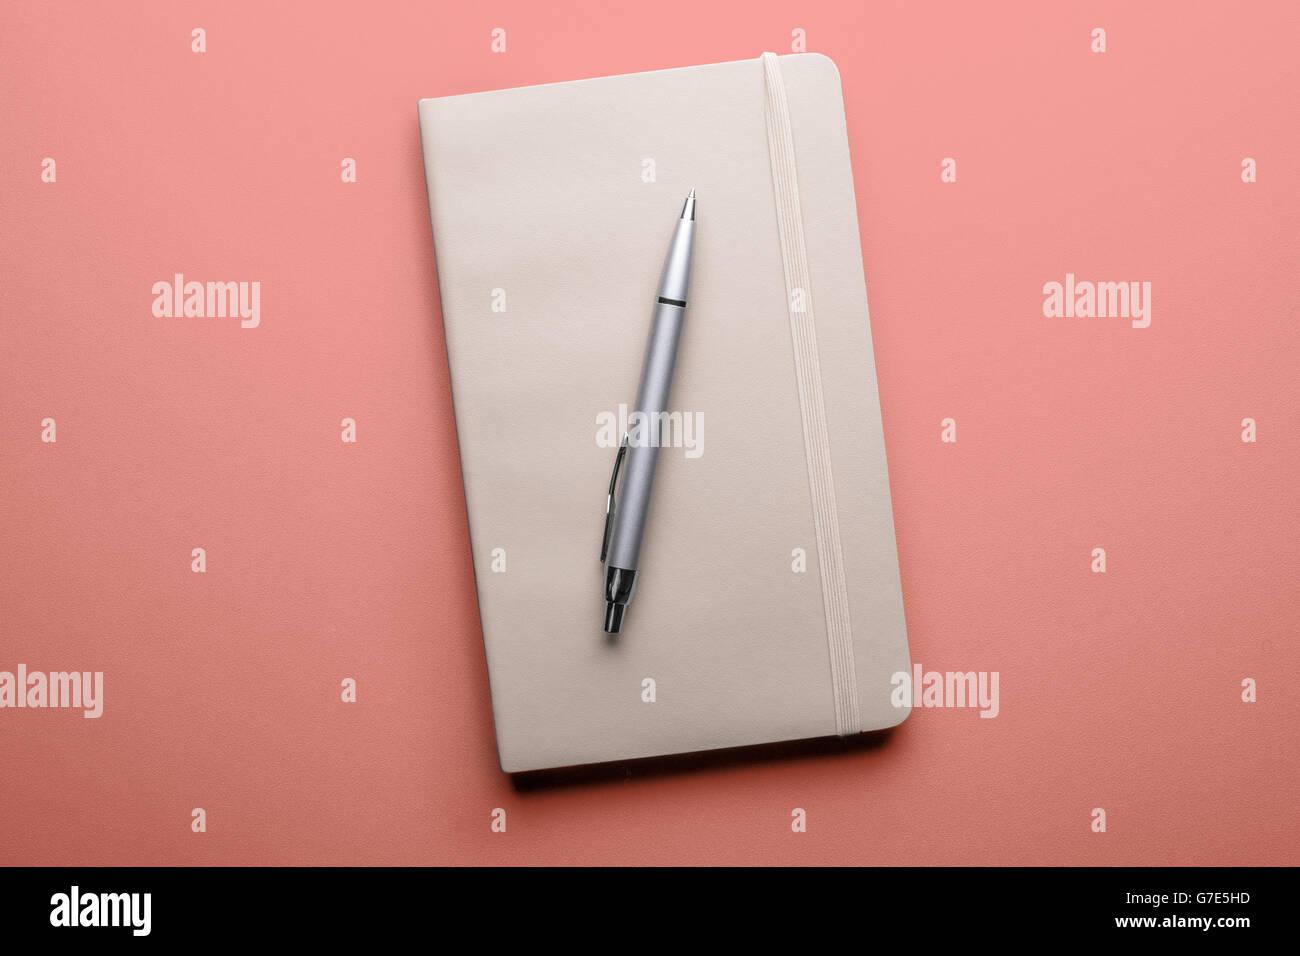 Draufsicht der alten offenes Buch mit Füllfederhalter auf rosa Hintergrund Stockfoto